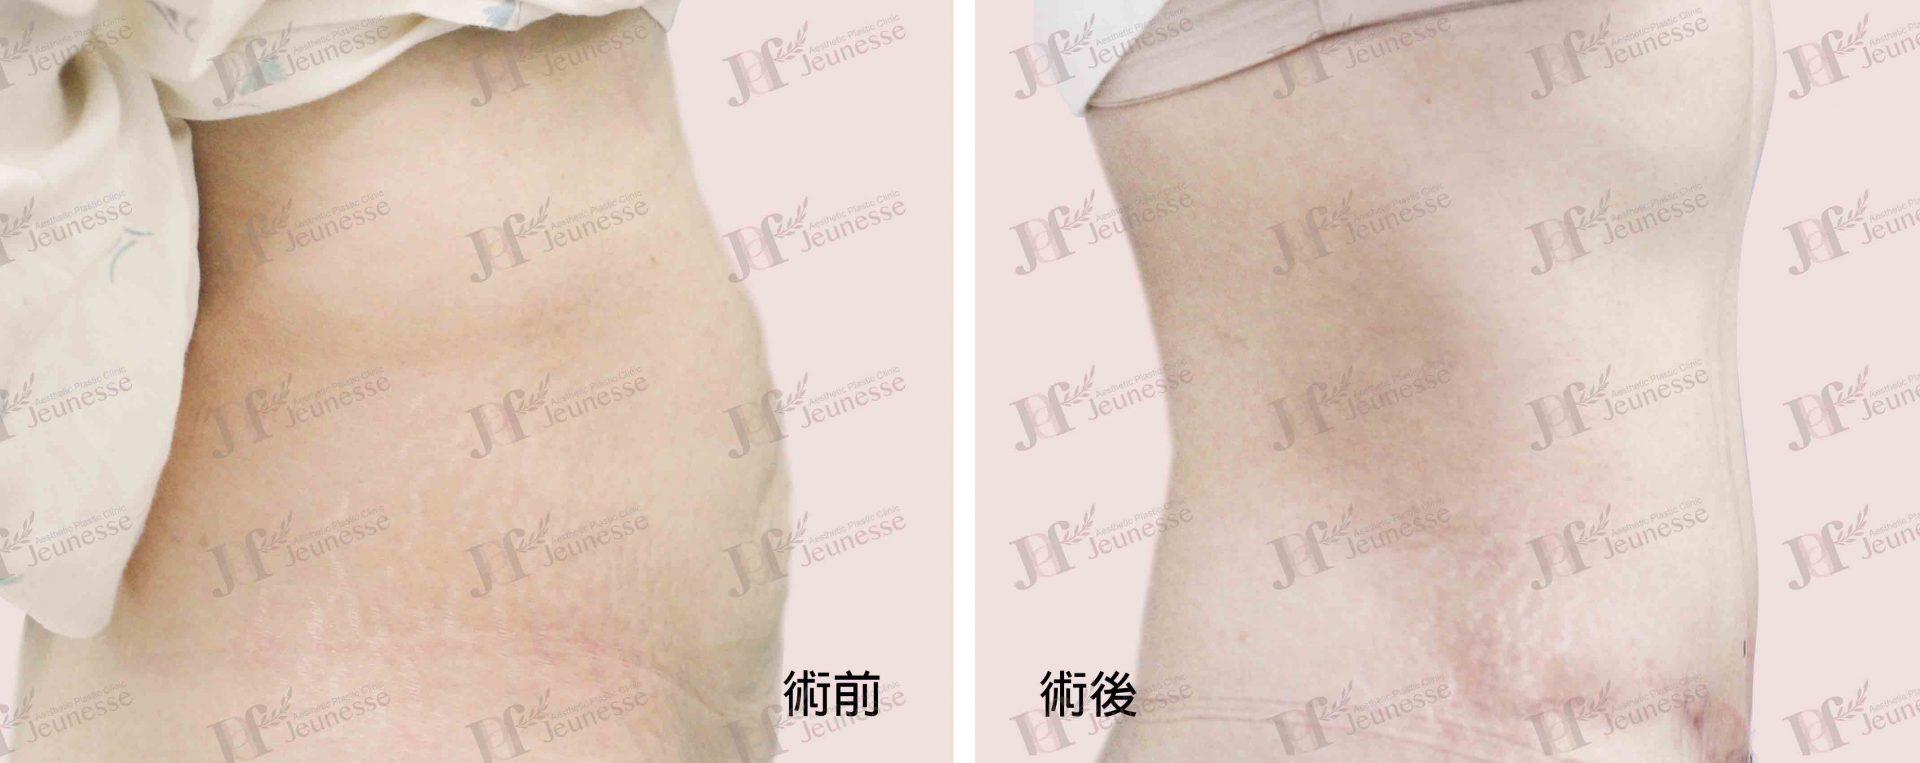 Abdominoplasty腹部成形術及抽脂手術 case 1 側面-浮水印